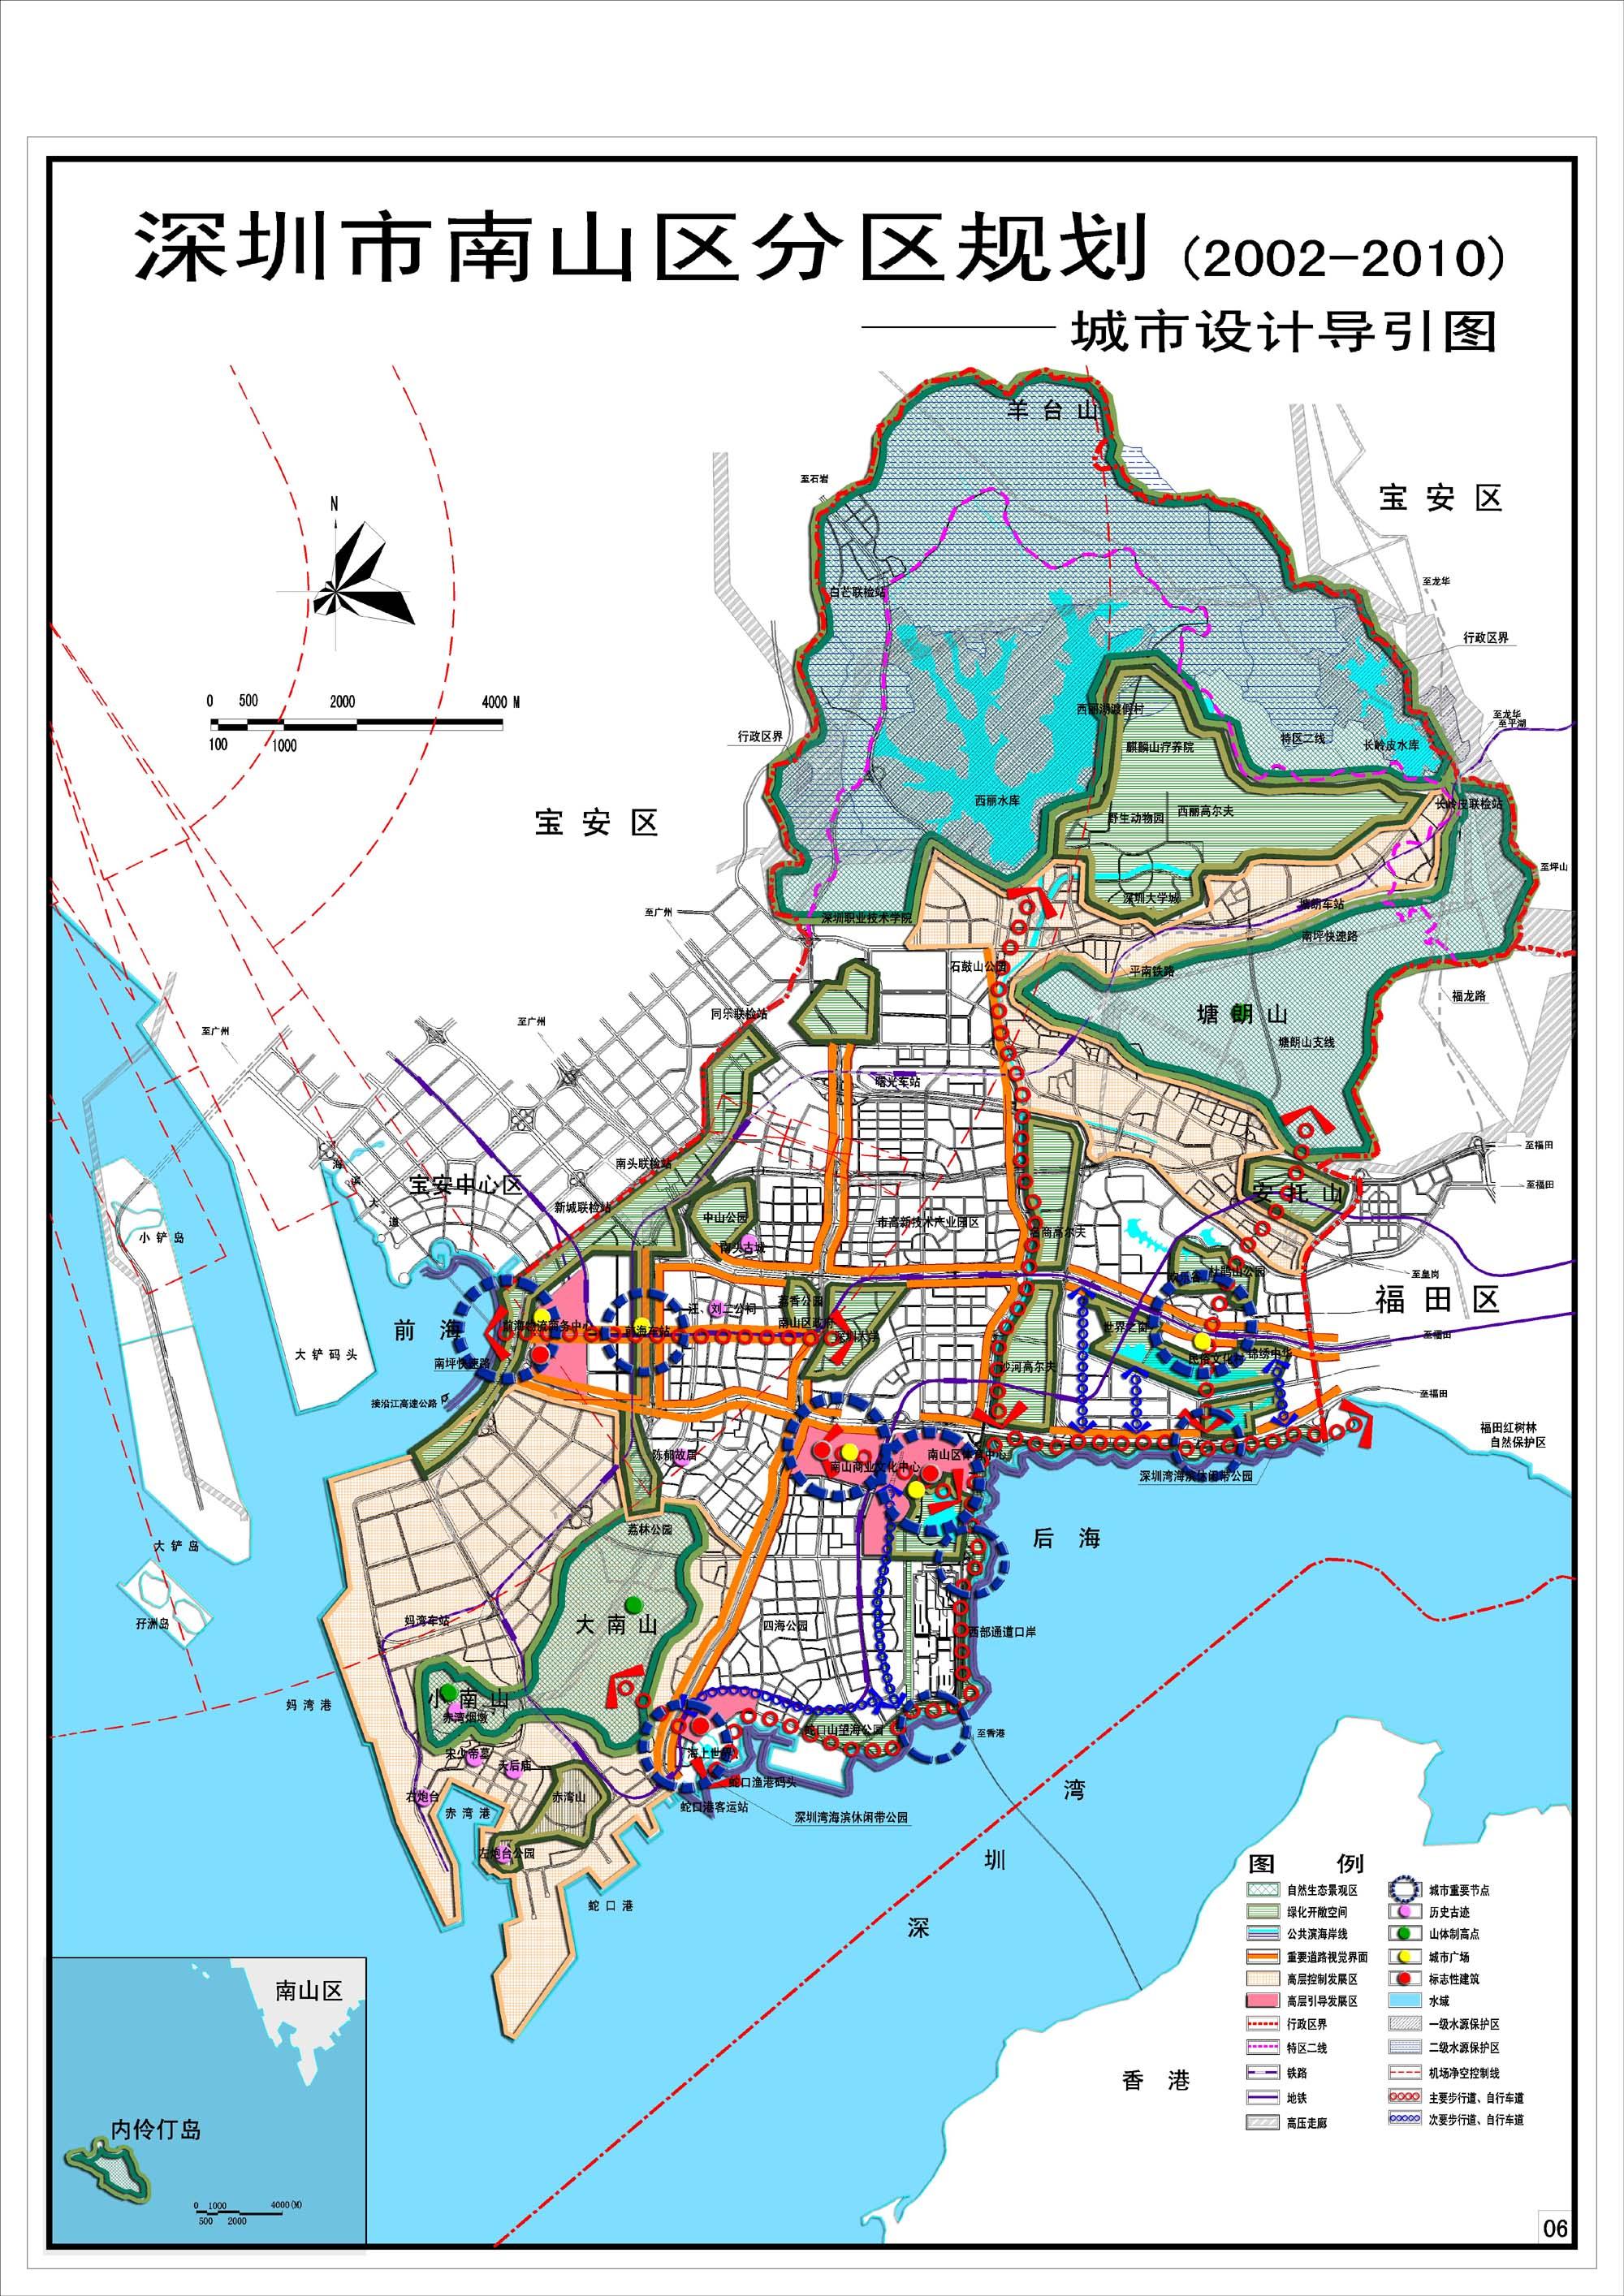 东昌湖风景区规划图 四姑娘山旅游区规划图 南宁市凤岭分区规划图  &